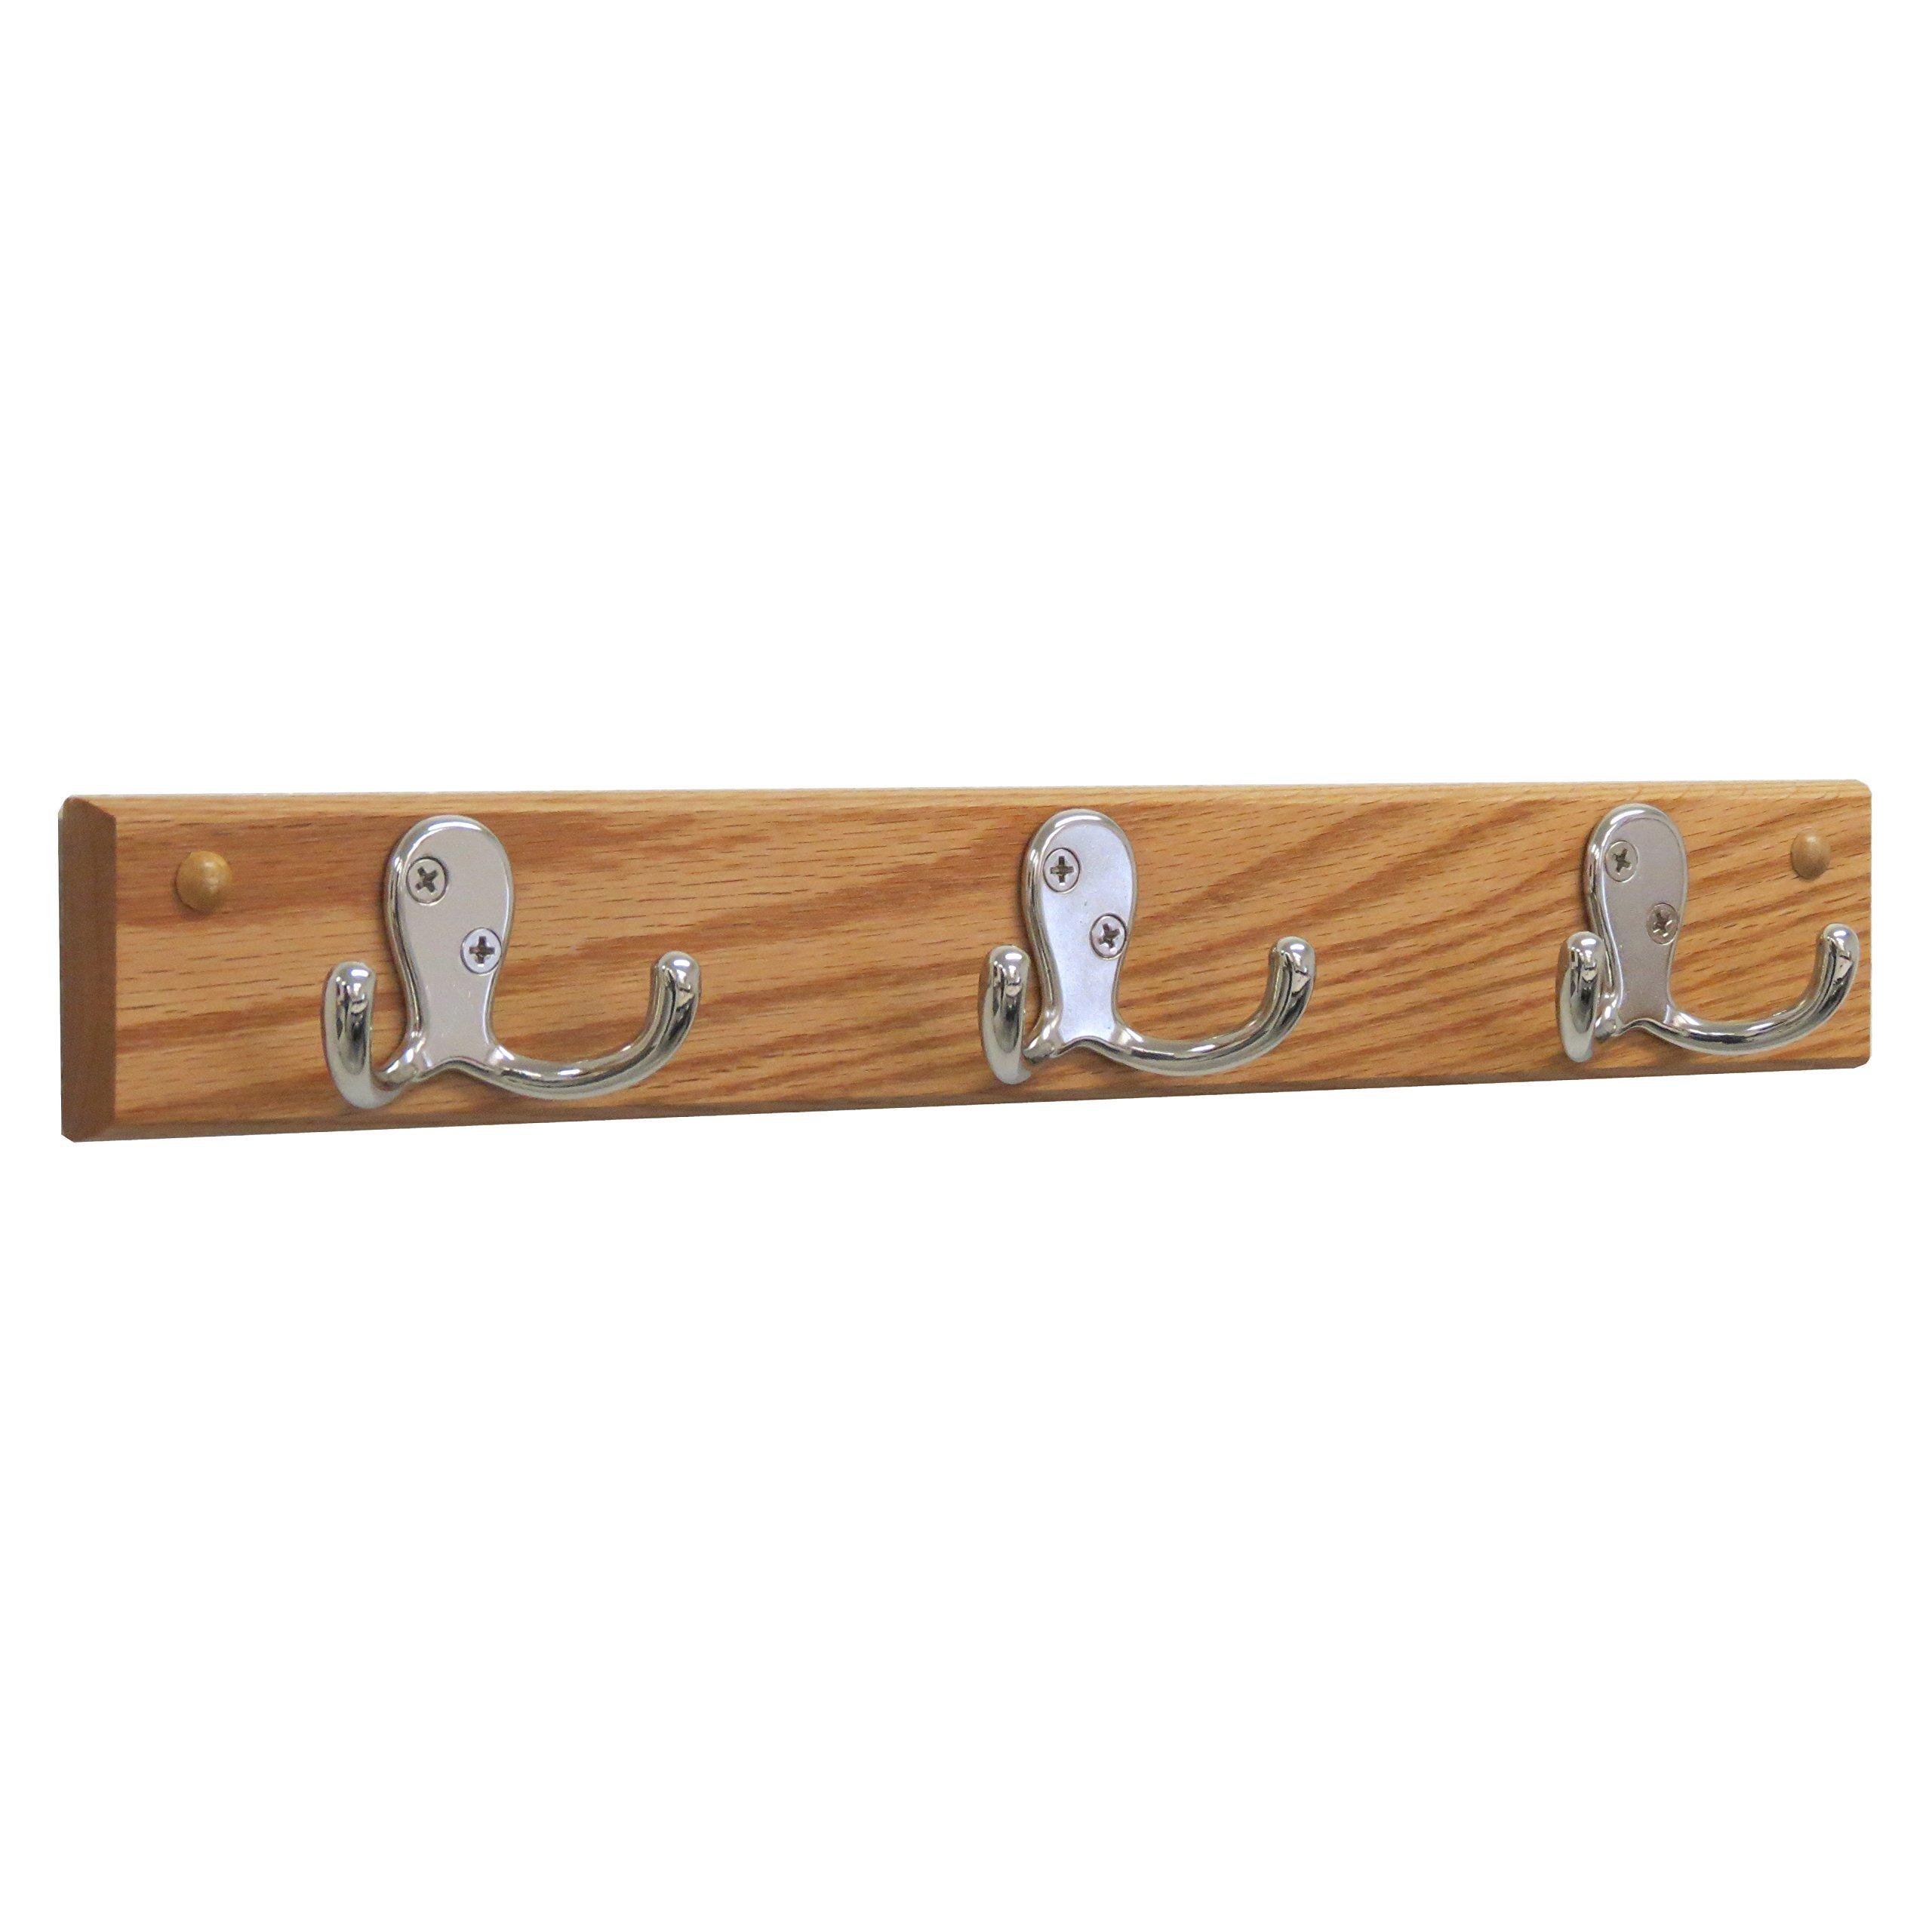 Wooden Mallet, Nickel, Light Oak 3 Double Prong Hook Rail/Coat Rack